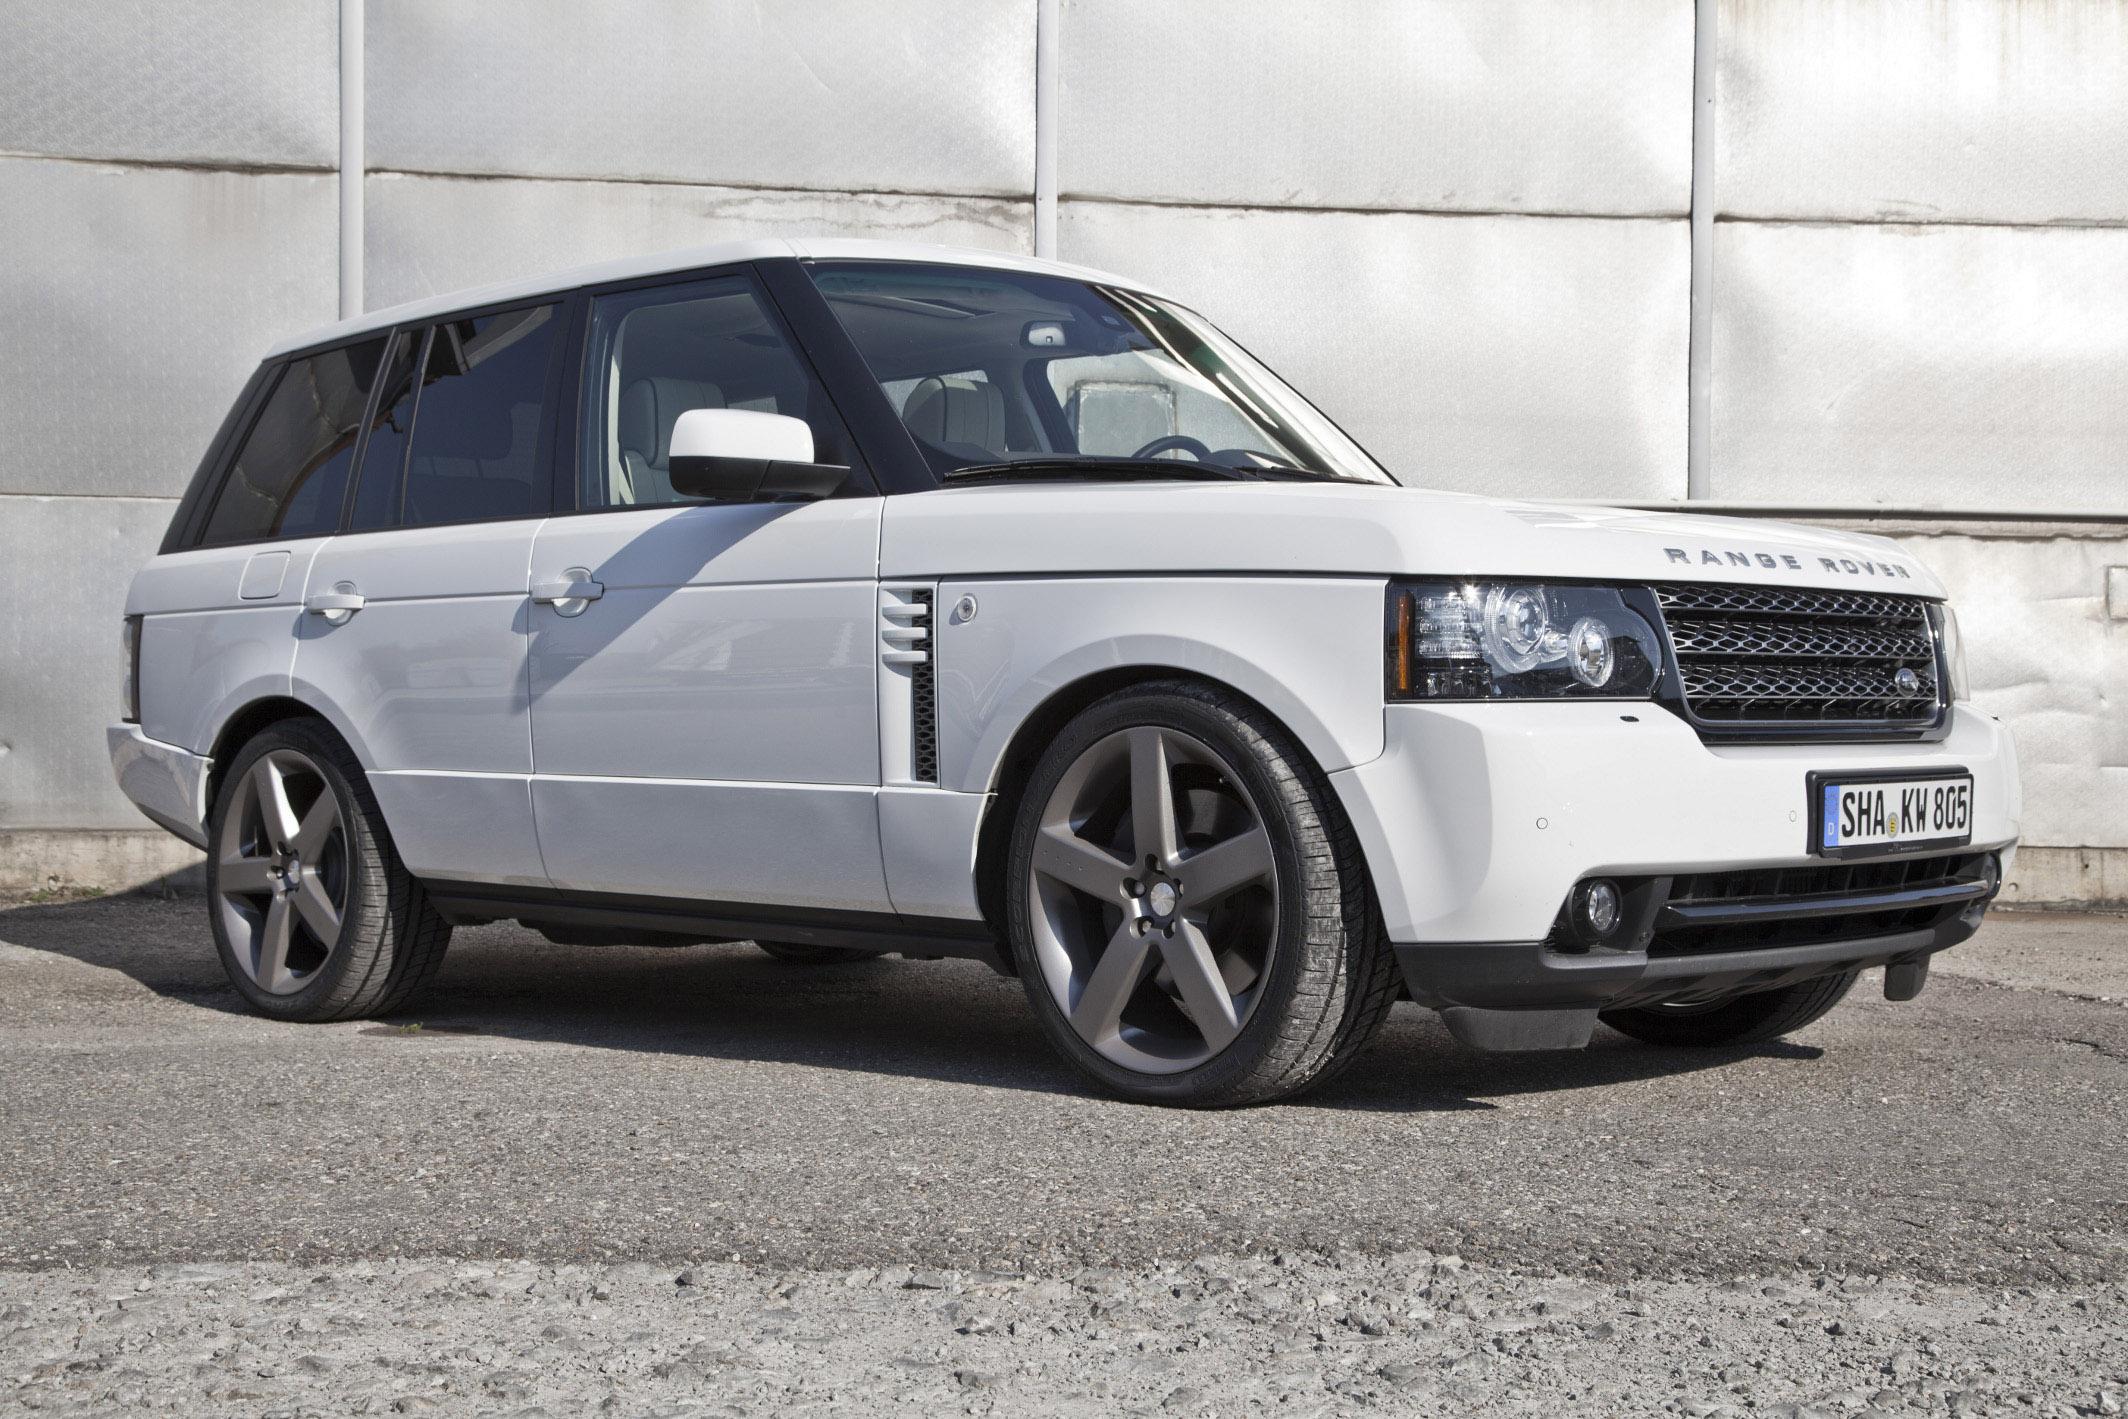 KW Range Rover photo #1